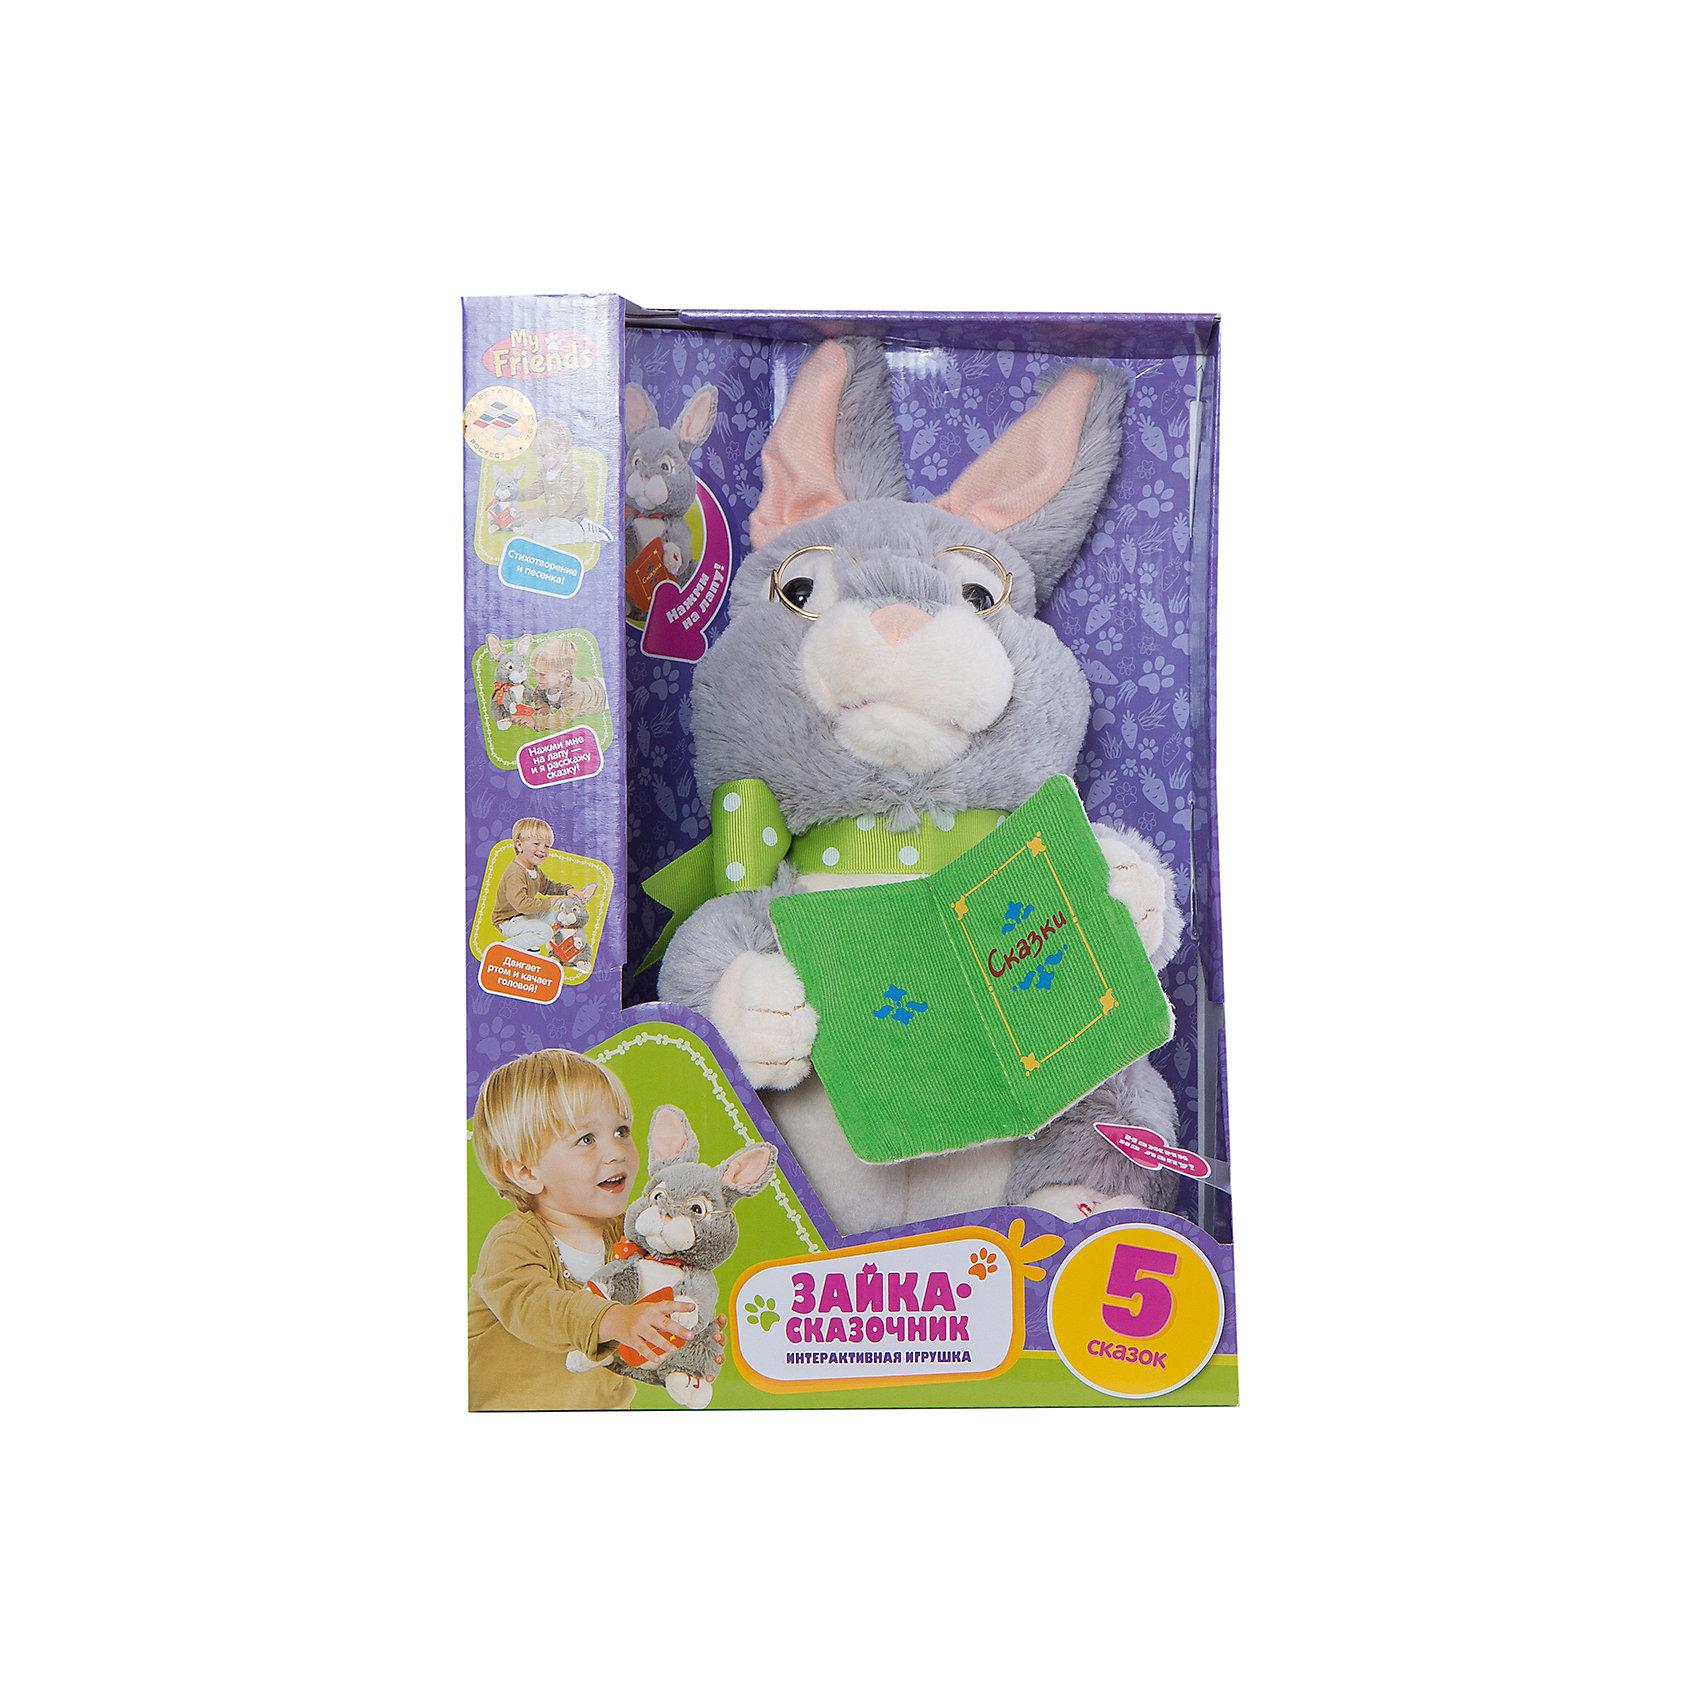 Интерактивный серый Кролик-сказочник, Играем вместеИнтерактивный Кролик-сказочник, Играем вместе - симпатичный плюшевый кролик в очках, который умеет рассказывать сказки. При этом он забавно двигает ртом и головой.<br><br>Кролик рассказывает 5 сказок: <br>1) Лиса и заяц <br>2) Волк и коза <br>3) Заяц-хваста <br>4) Лисичка-сестричка и серый волк <br>5) Петушок - золотой гребешок.<br><br>Если малыш заснул или устал, всегда можно нажать кнопку Пауза на лапке у кролика. Имеется возможность регулировки громкости.<br><br>Интерактивный Кролик-сказочник, Играем вместе станет отличным другом для Вашего ребенка и всегда порадует его любимыми сказками.<br><br>Дополнительная информация:<br><br>- В комплекте: интерактивный кролик с книжкой и очками.<br>- Игрушка работает от батареек (входят в комплект)<br>- Кнопки паузы и регулировки громкости.<br>- Материал: текстиль, пластмасса, металл.<br>- Размер игрушки: 16х29см.<br>- Размер упаковки: 26 x 38 x 16см.<br><br>Интерактивного Кролика-сказочника, Играем вместе можно купить в нашем интернет-магазине.<br><br>Ширина мм: 260<br>Глубина мм: 380<br>Высота мм: 160<br>Вес г: 1070<br>Возраст от месяцев: 18<br>Возраст до месяцев: 1188<br>Пол: Унисекс<br>Возраст: Детский<br>SKU: 4874189